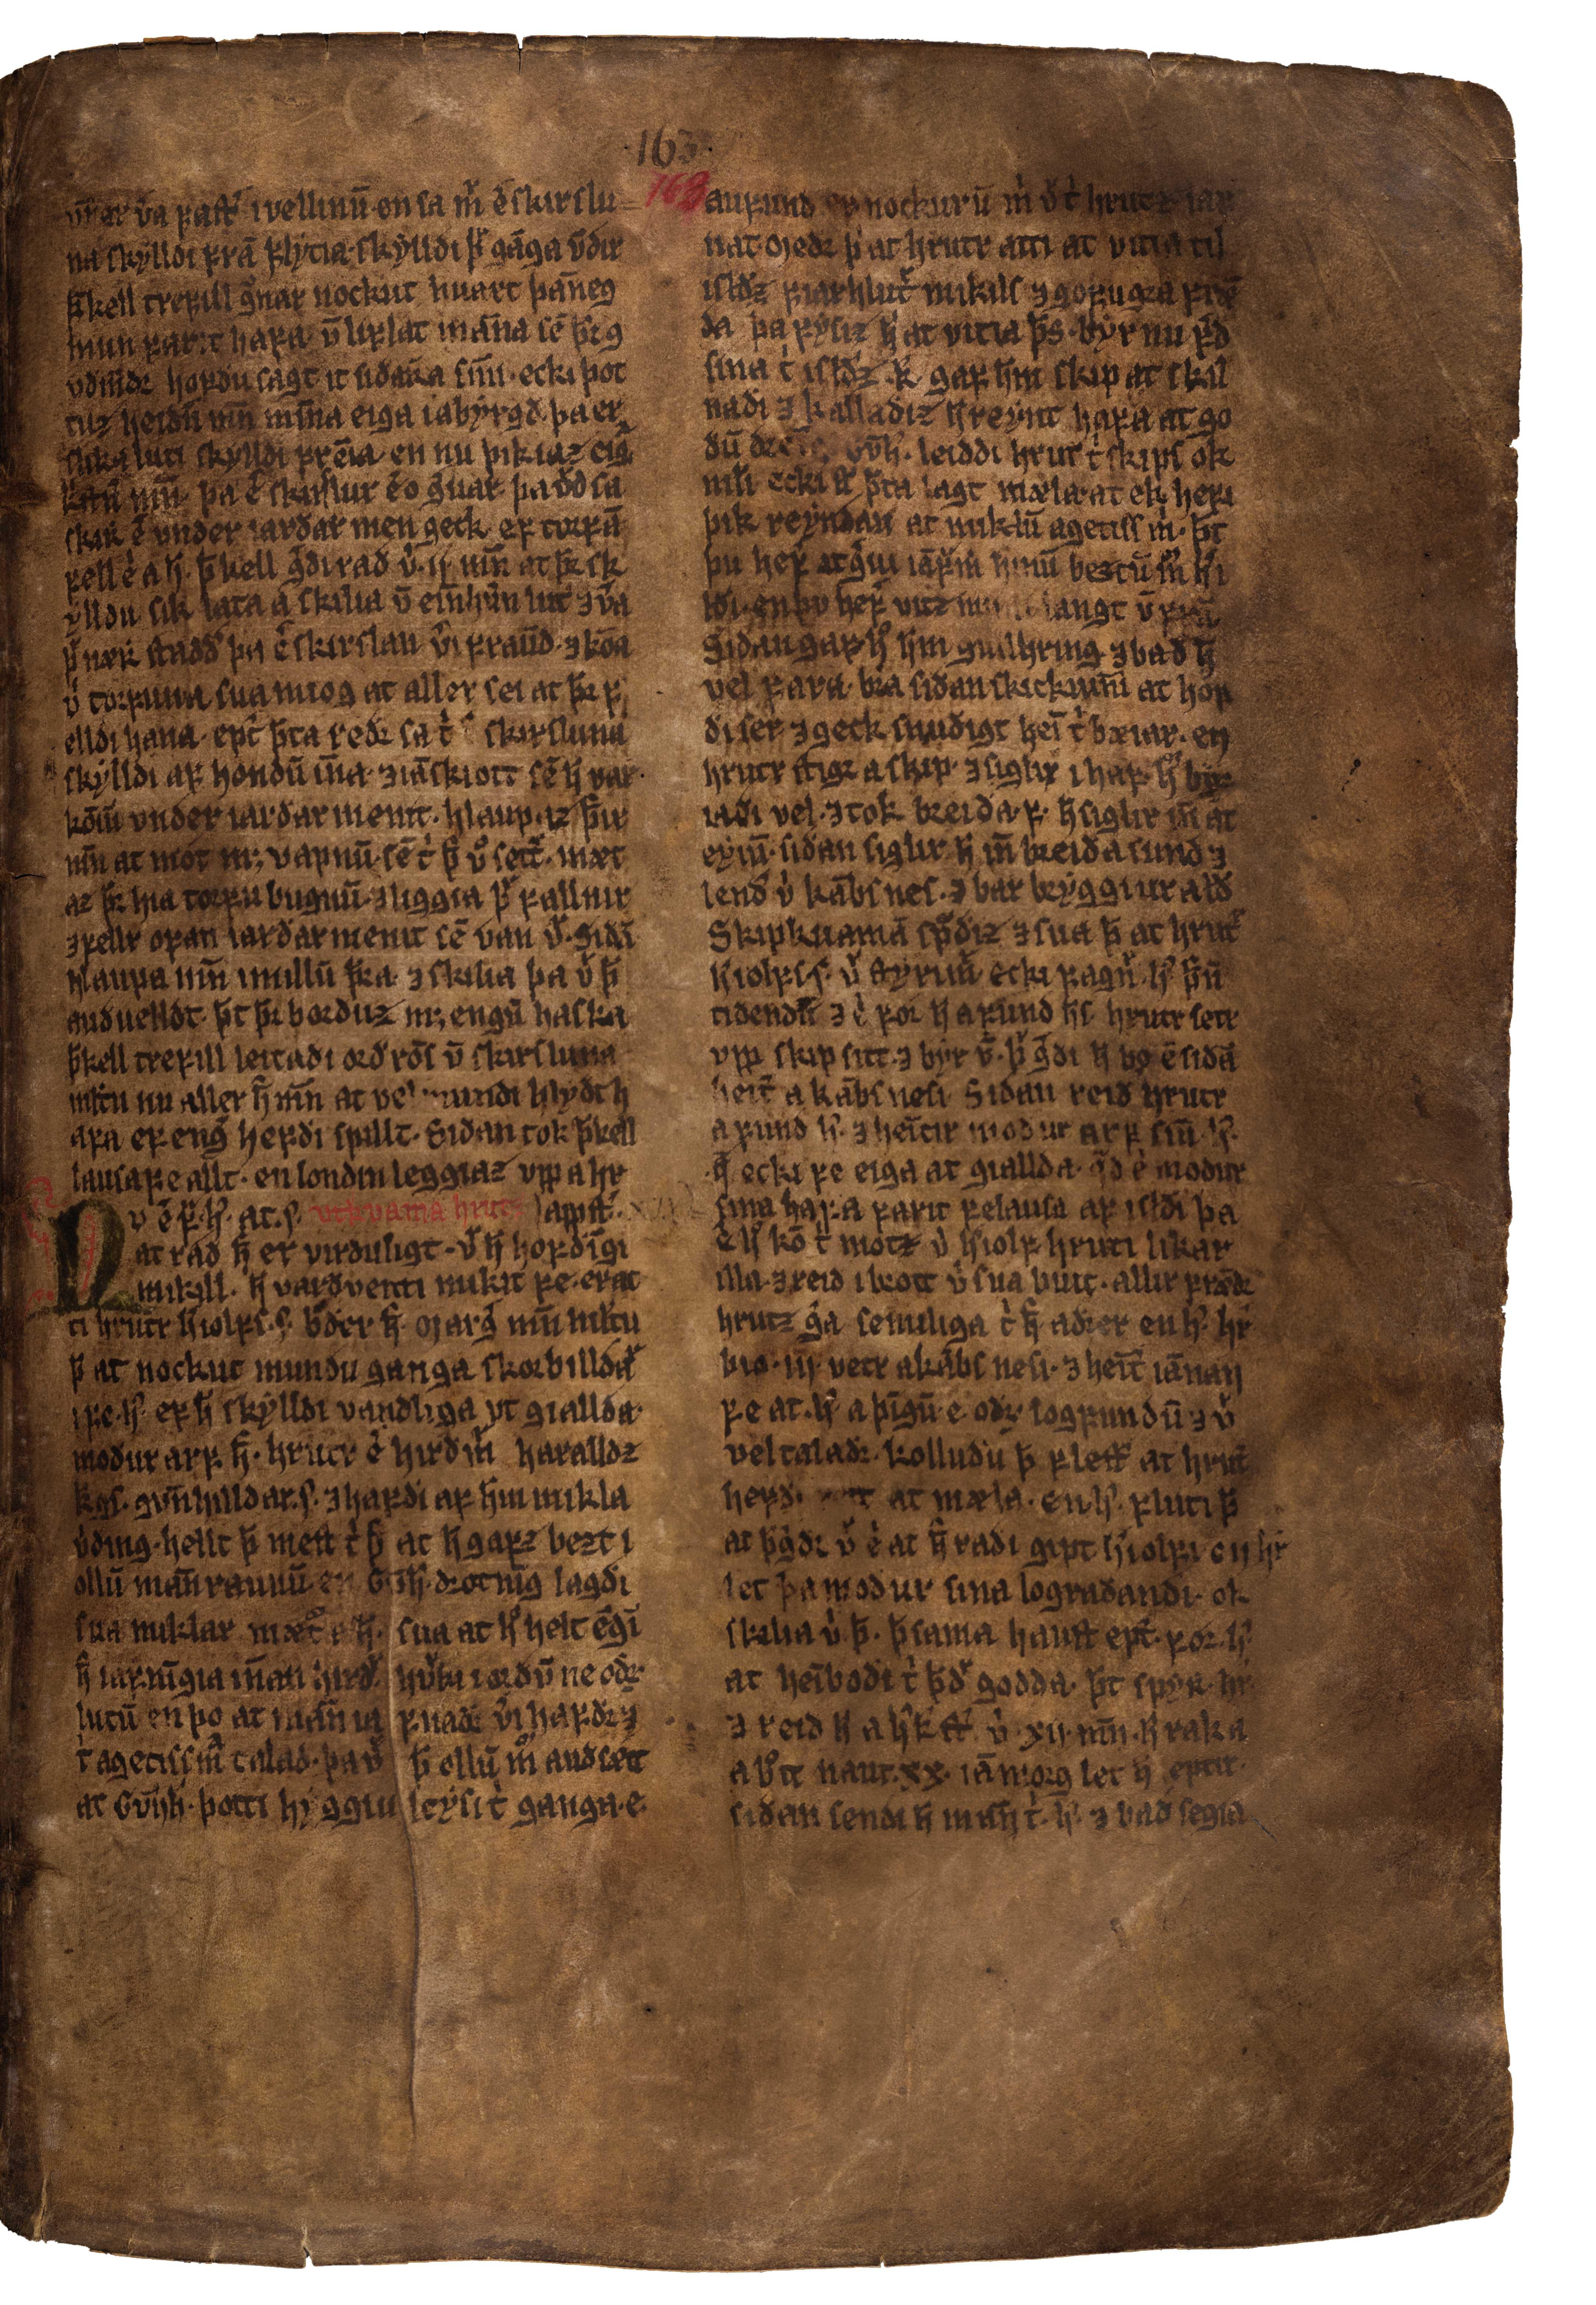 AM 132 fol - 163r